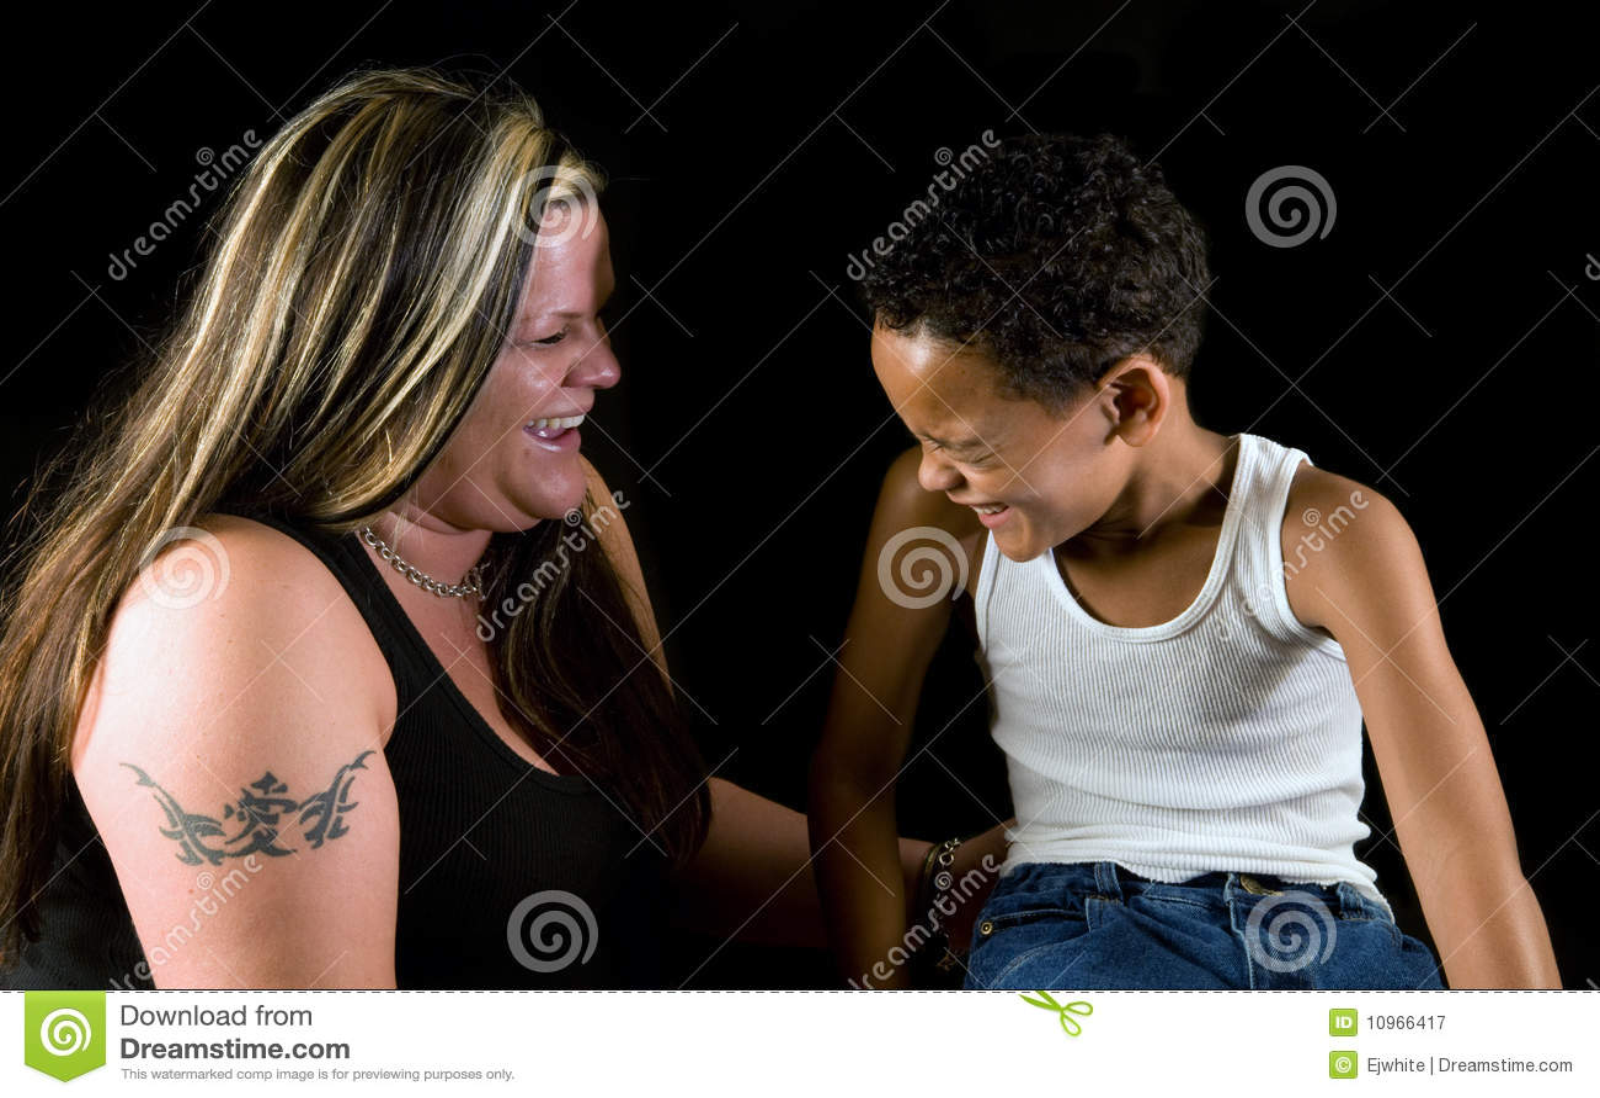 Risata del figlio e della madre